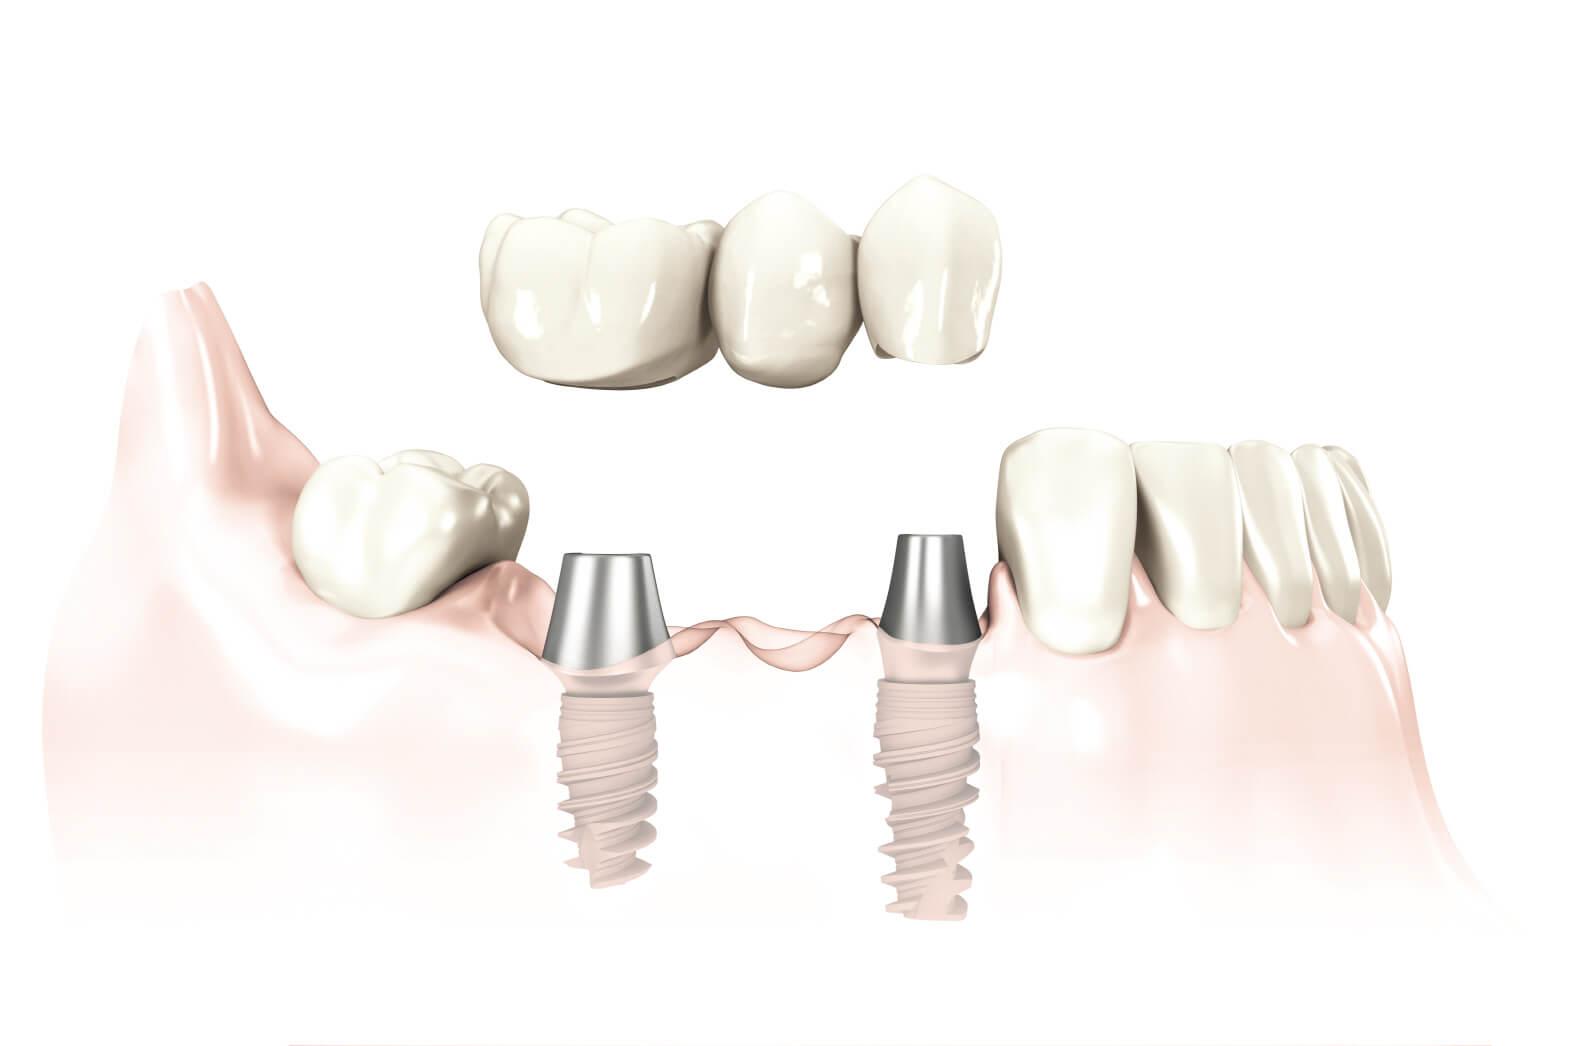 Kurze Zahneimplantate - Knochenaufbau vermeiden - MunichDent in München